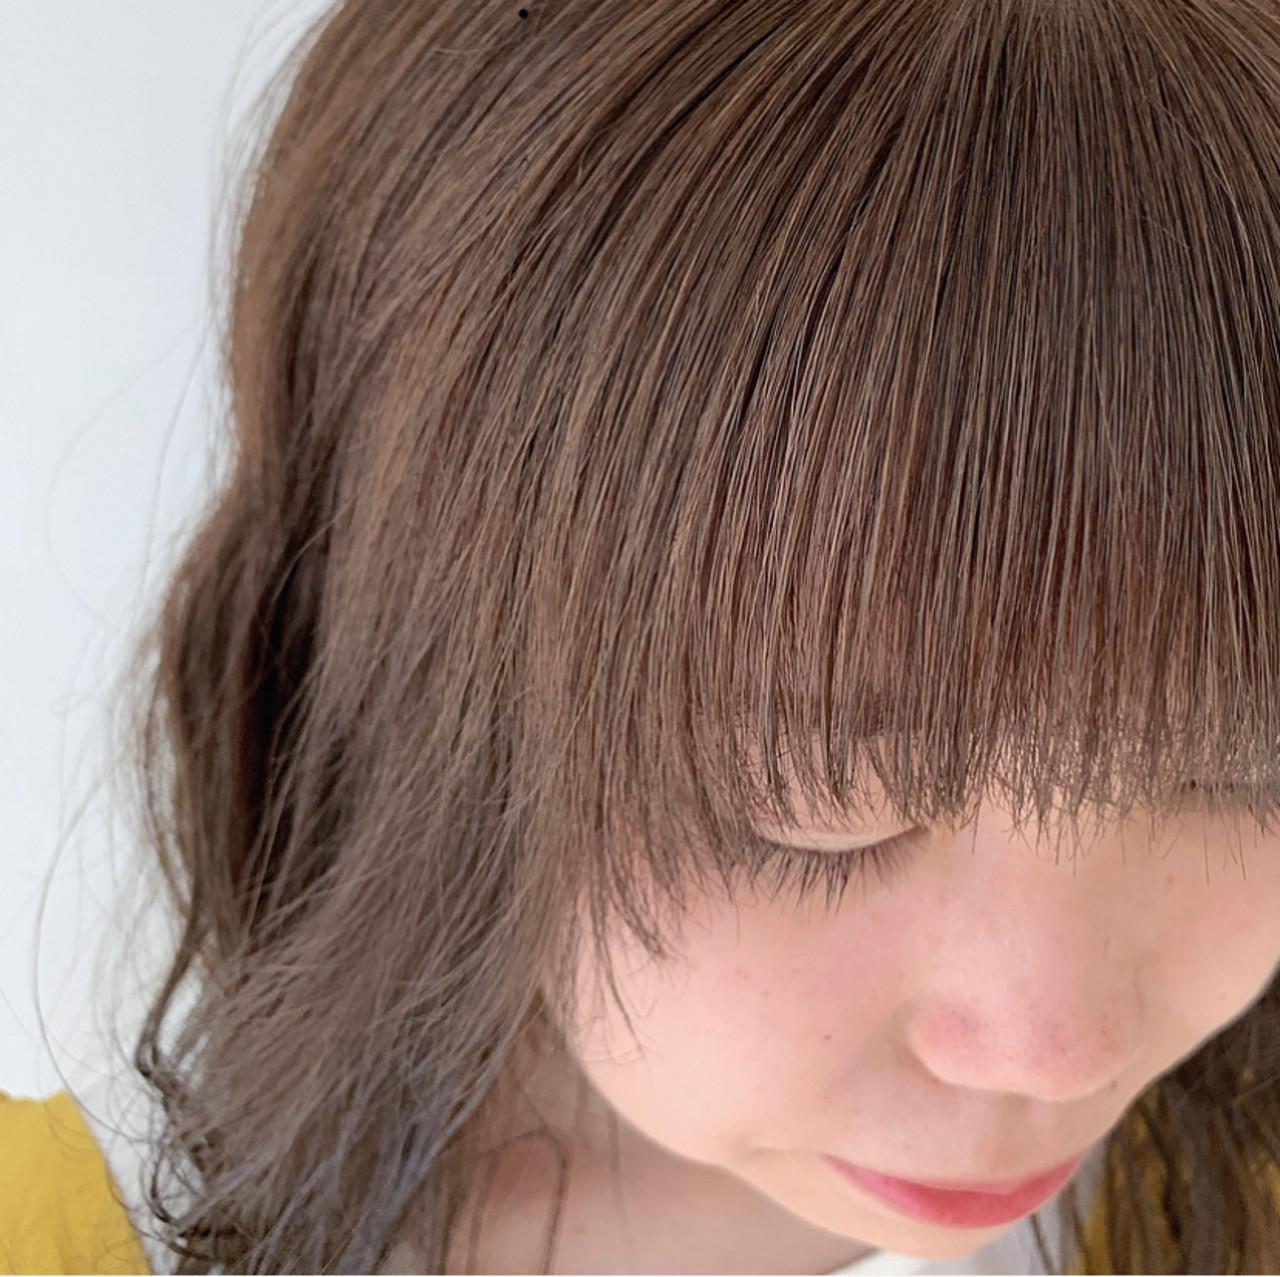 セミロング 前髪 ふんわり前髪 ガーリー ヘアスタイルや髪型の写真・画像 | 透明感セミロング/Hiroyuki_Kihara / Direction